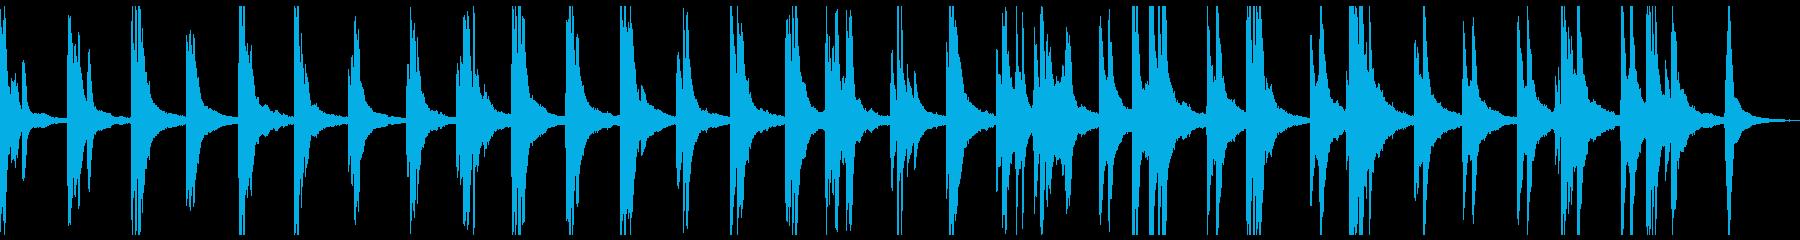 物悲しいソロピアノ曲 情緒的、切ないの再生済みの波形